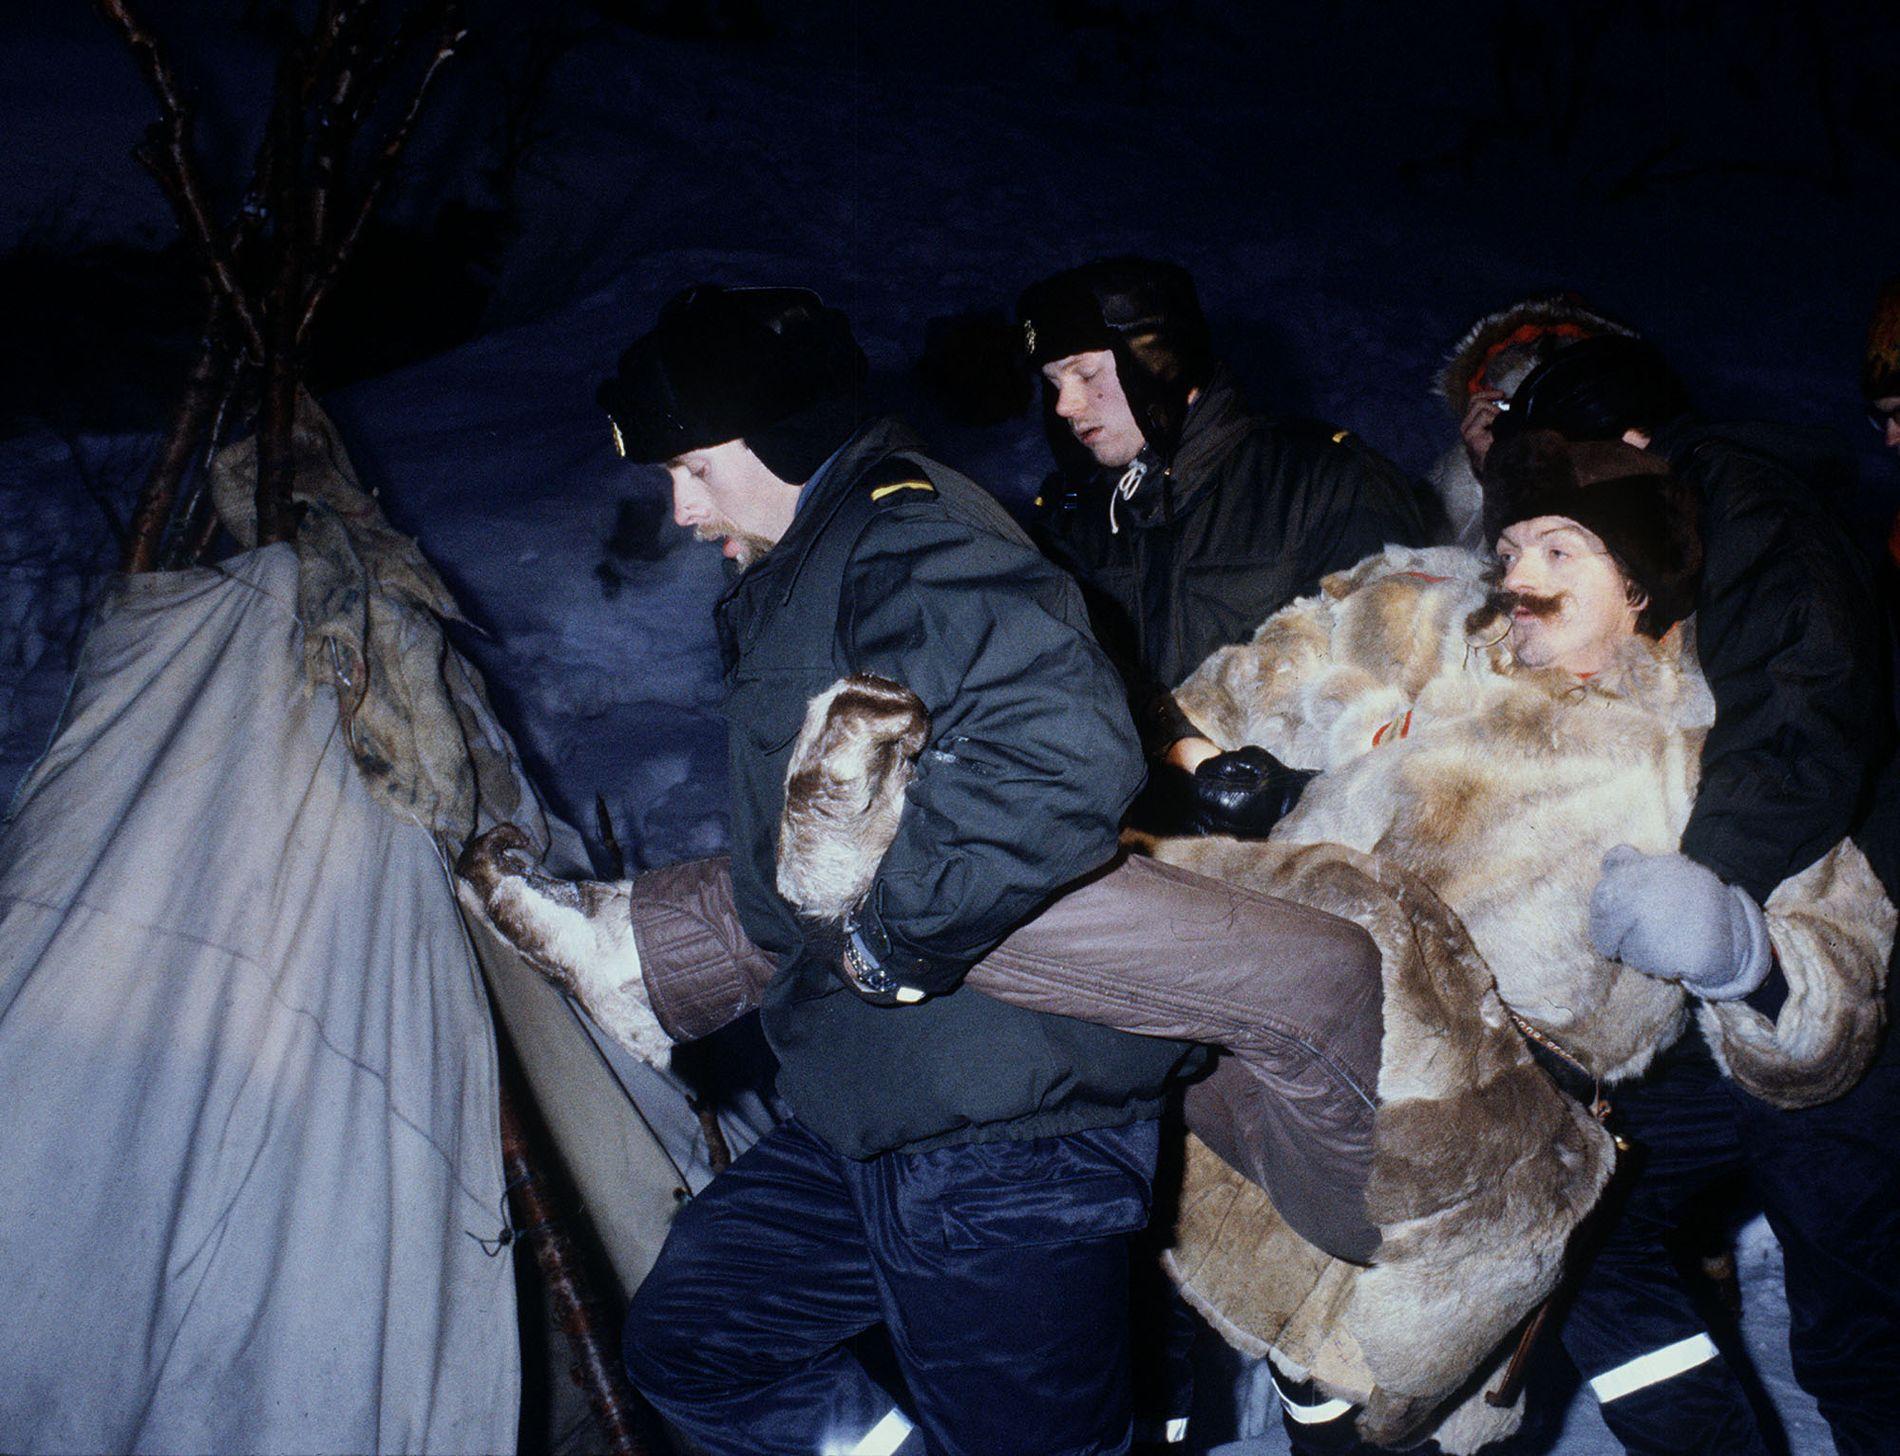 ALTA-AKSJONENE JANUAR 1981: Demonstrant Nils Utsi båret bort av politiet. Han ble fjernet fra Stilla tre ganger, og var førstemann som ble stilt for retten.